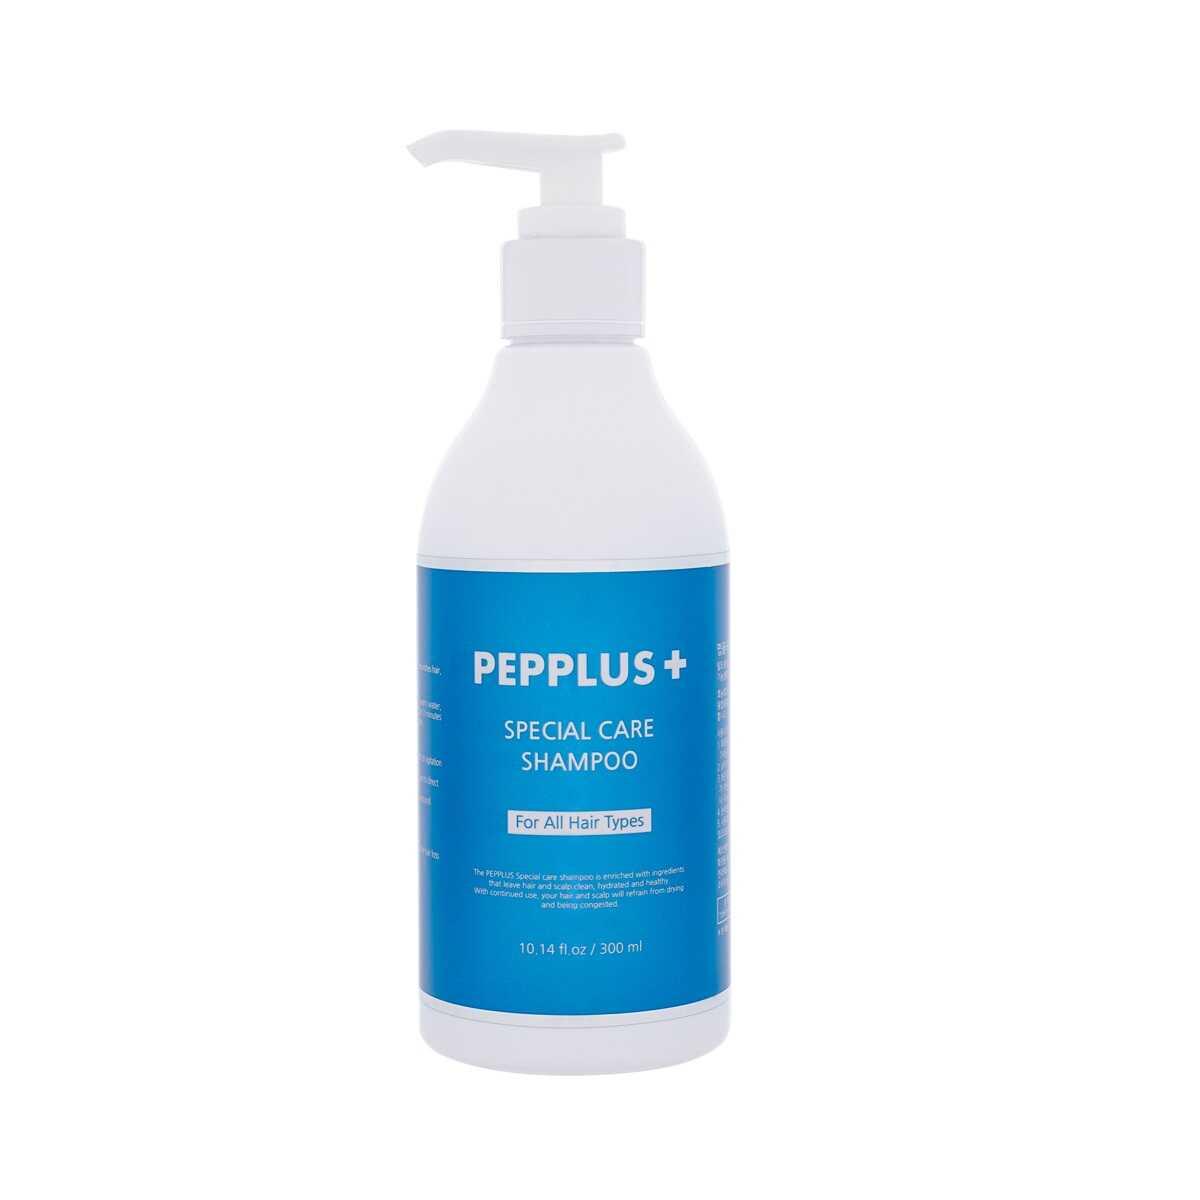 PEPPLUS PEPPLUS Special Care Shampoo